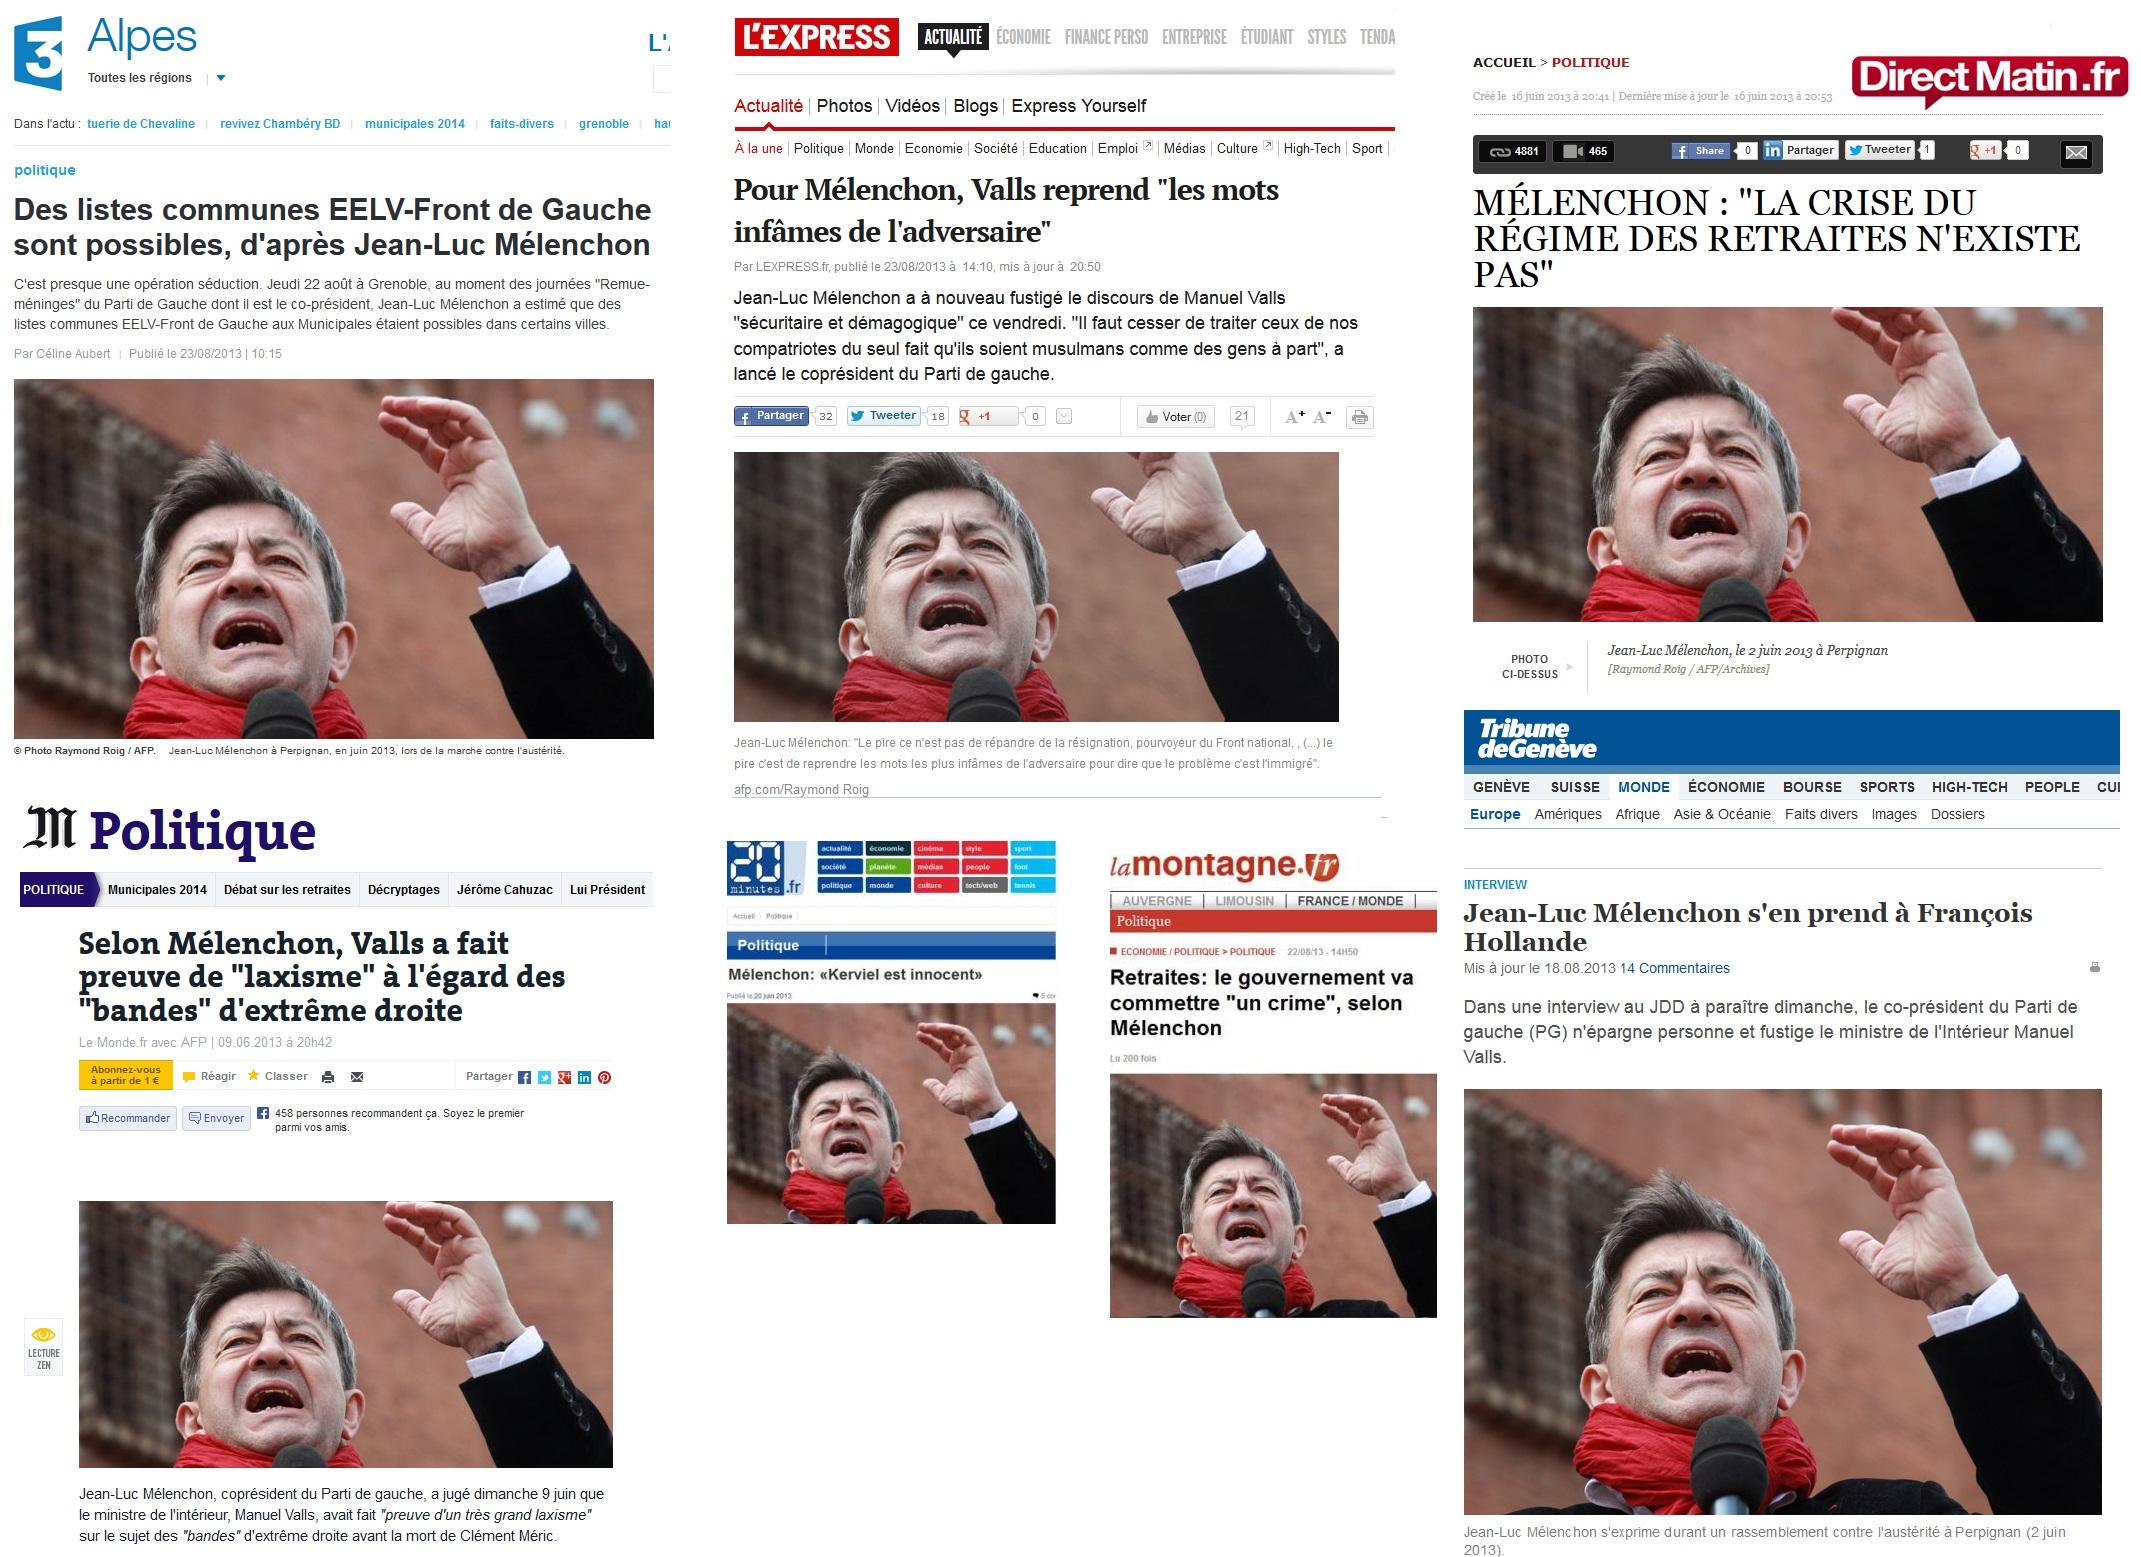 Montage effectué à partir d'articles de France 3, L'Express, Direct Matin, Le Monde, 20 Minutes, La Montagne et La Tribune de Genève.